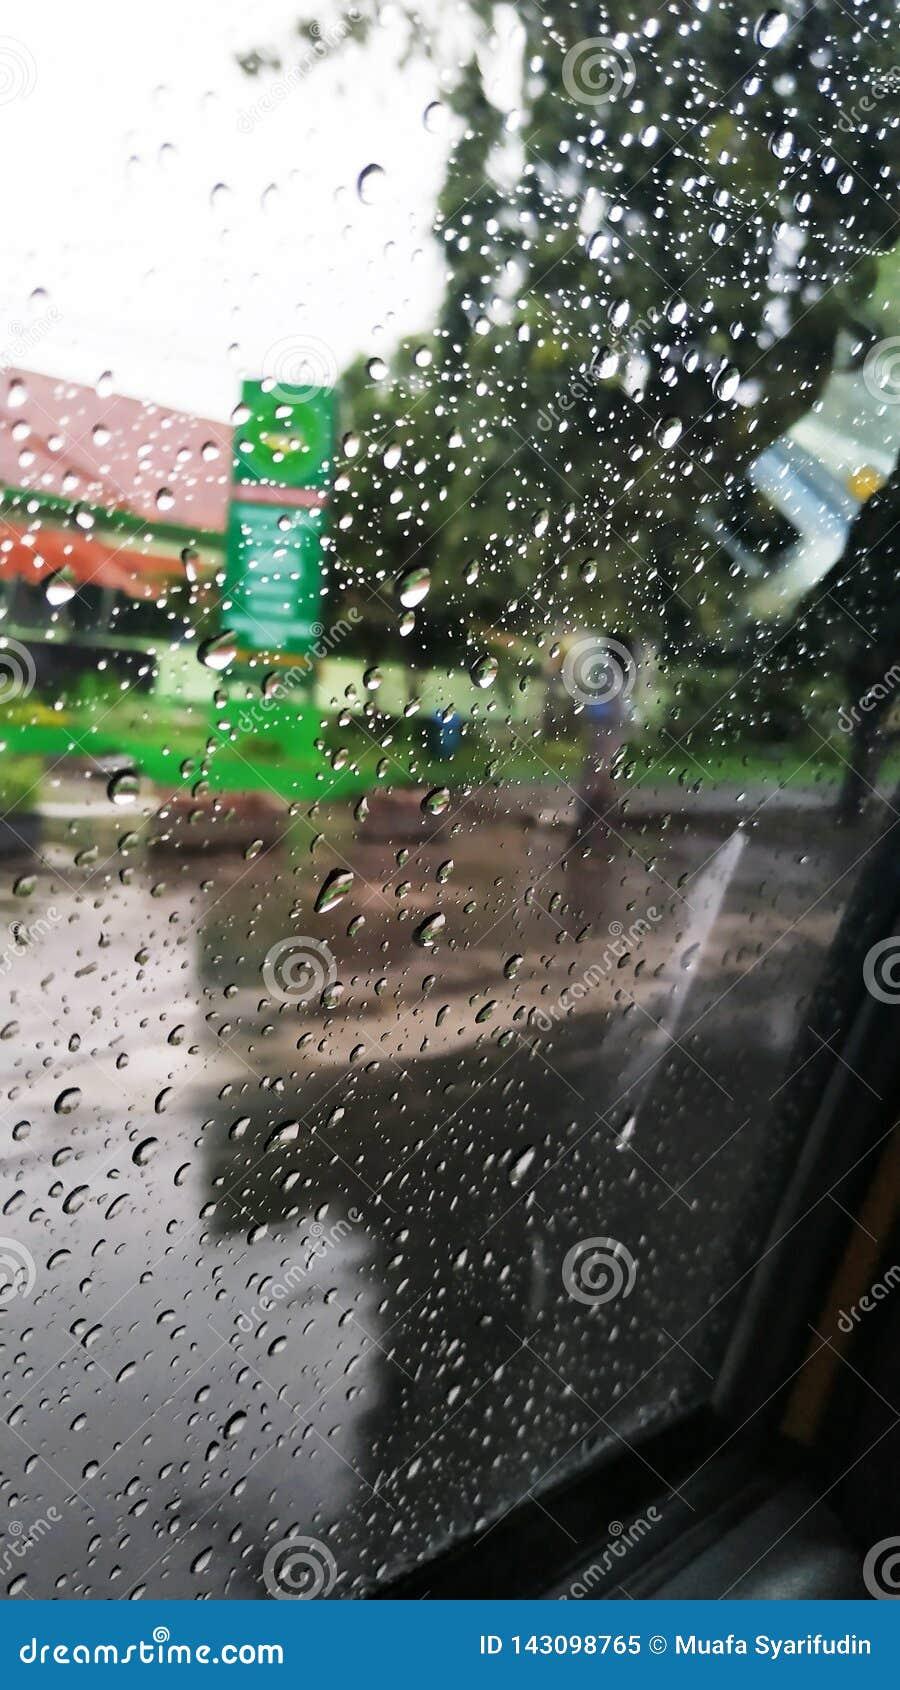 Tapeta deszczu krople przy okno